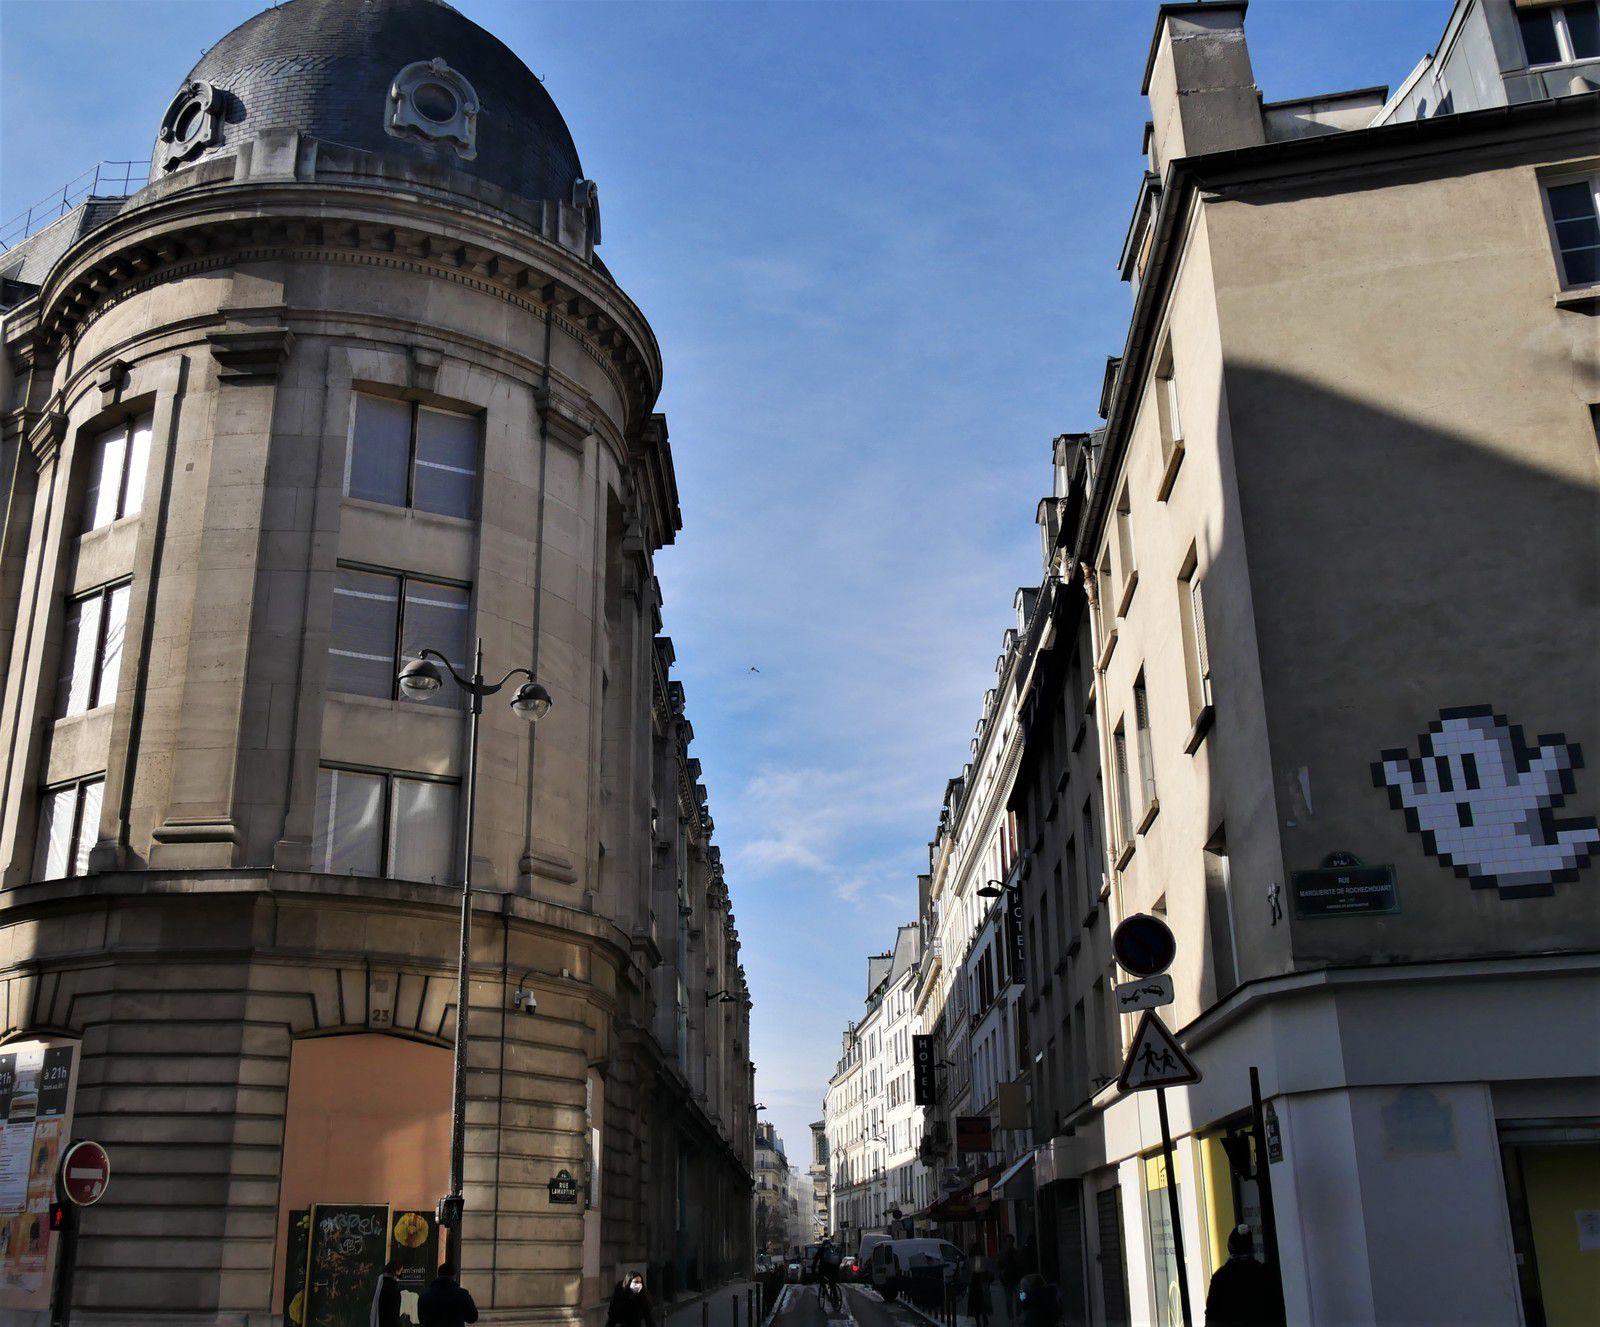 Début de la rue Lamartine à partir de la rue Marguerite de Rochechouart.